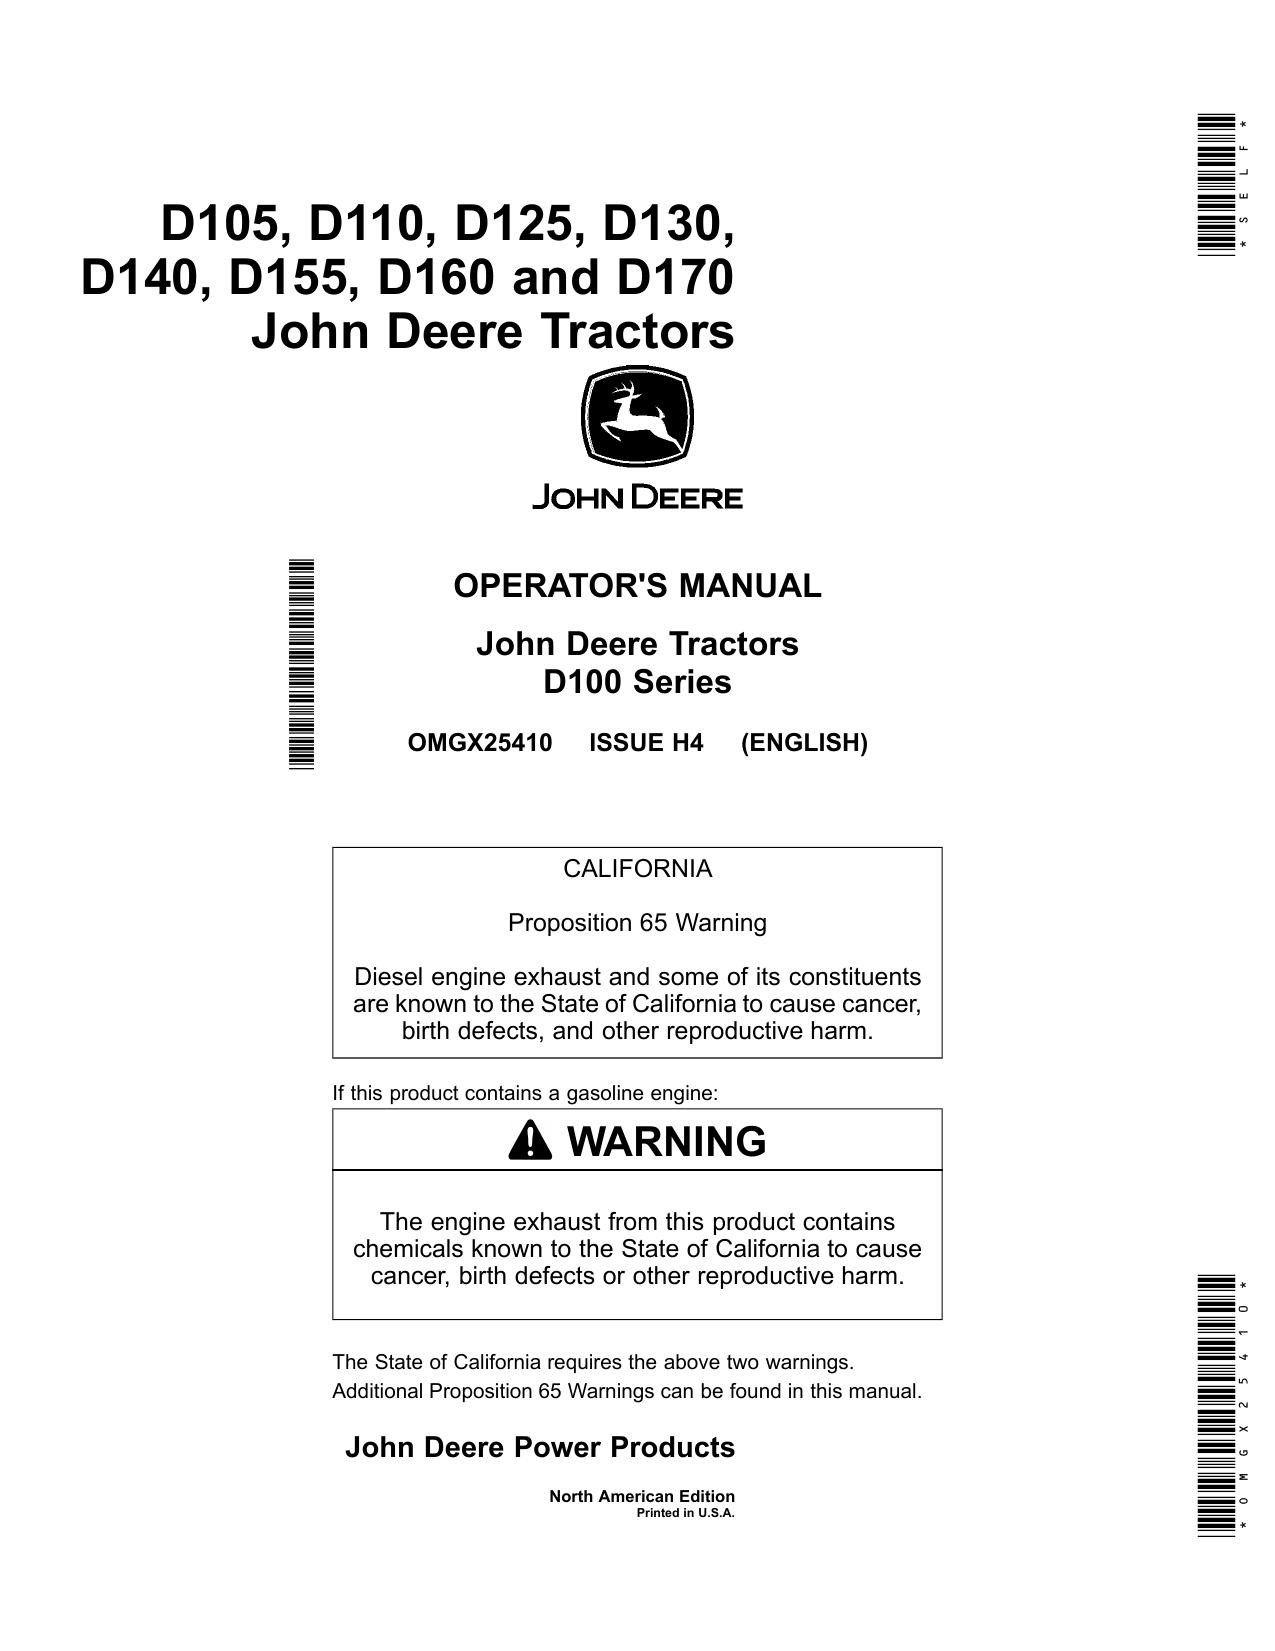 John deere d160 vs d170 manual